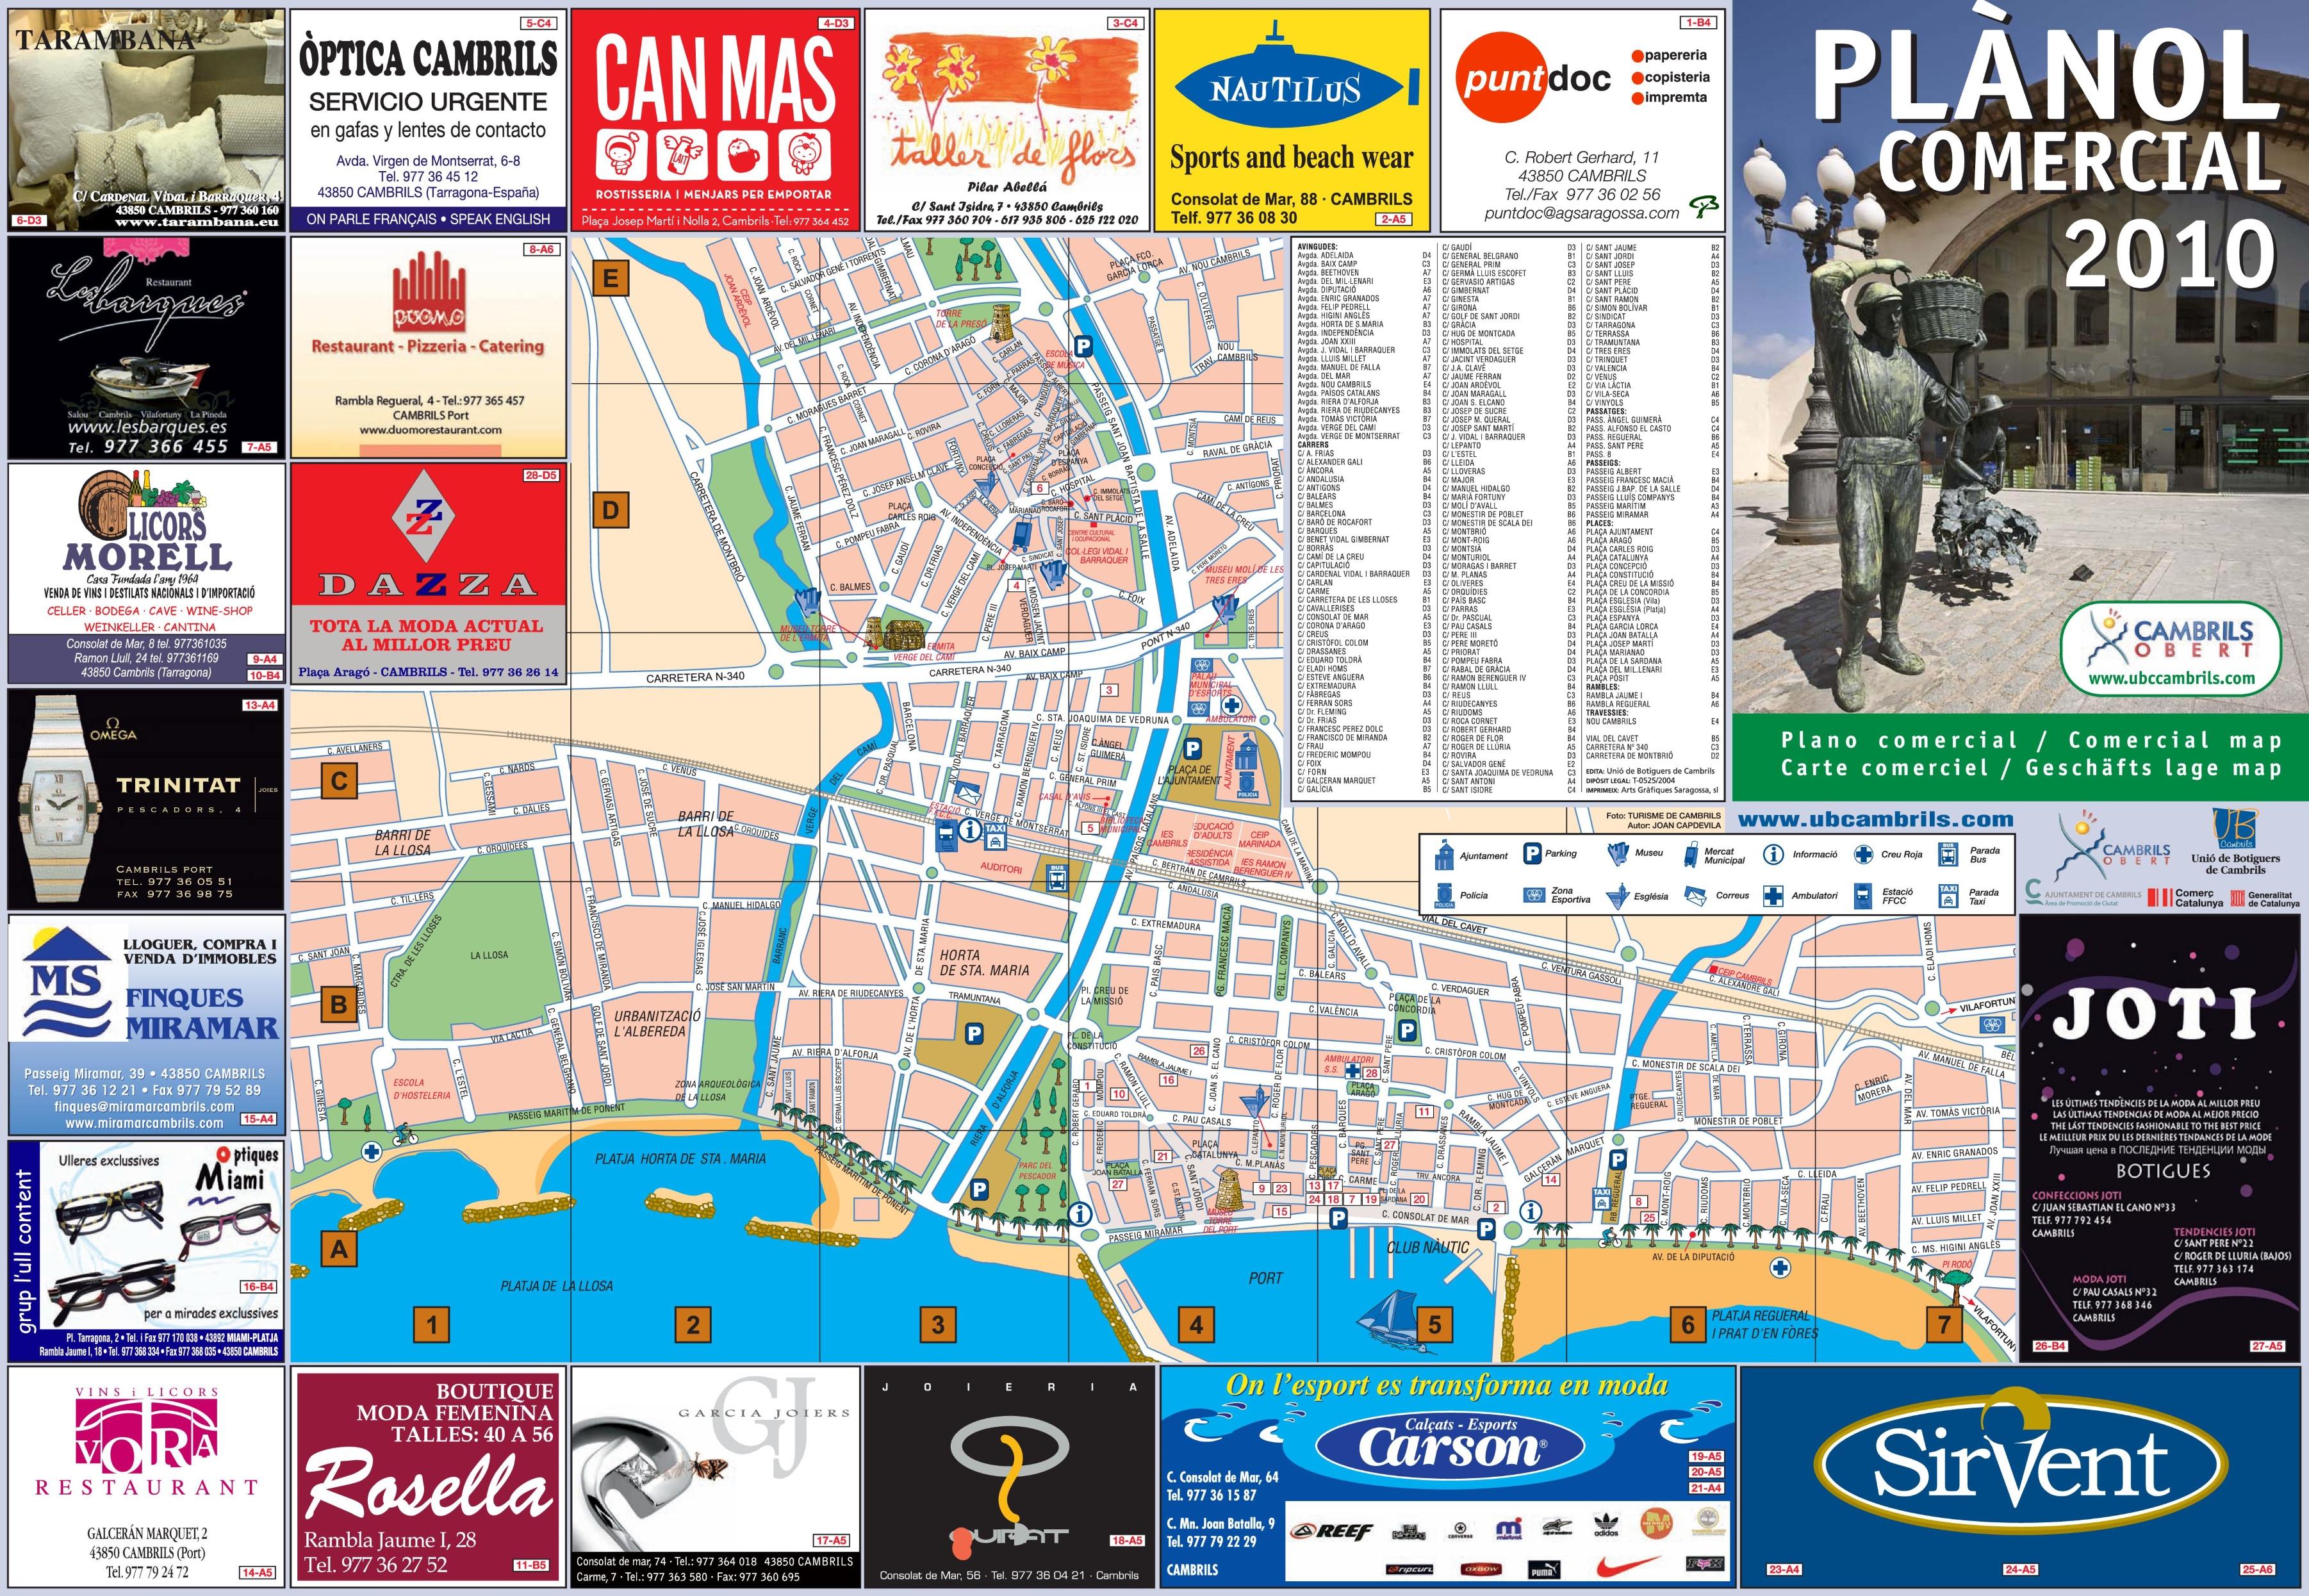 Cambrils city center map